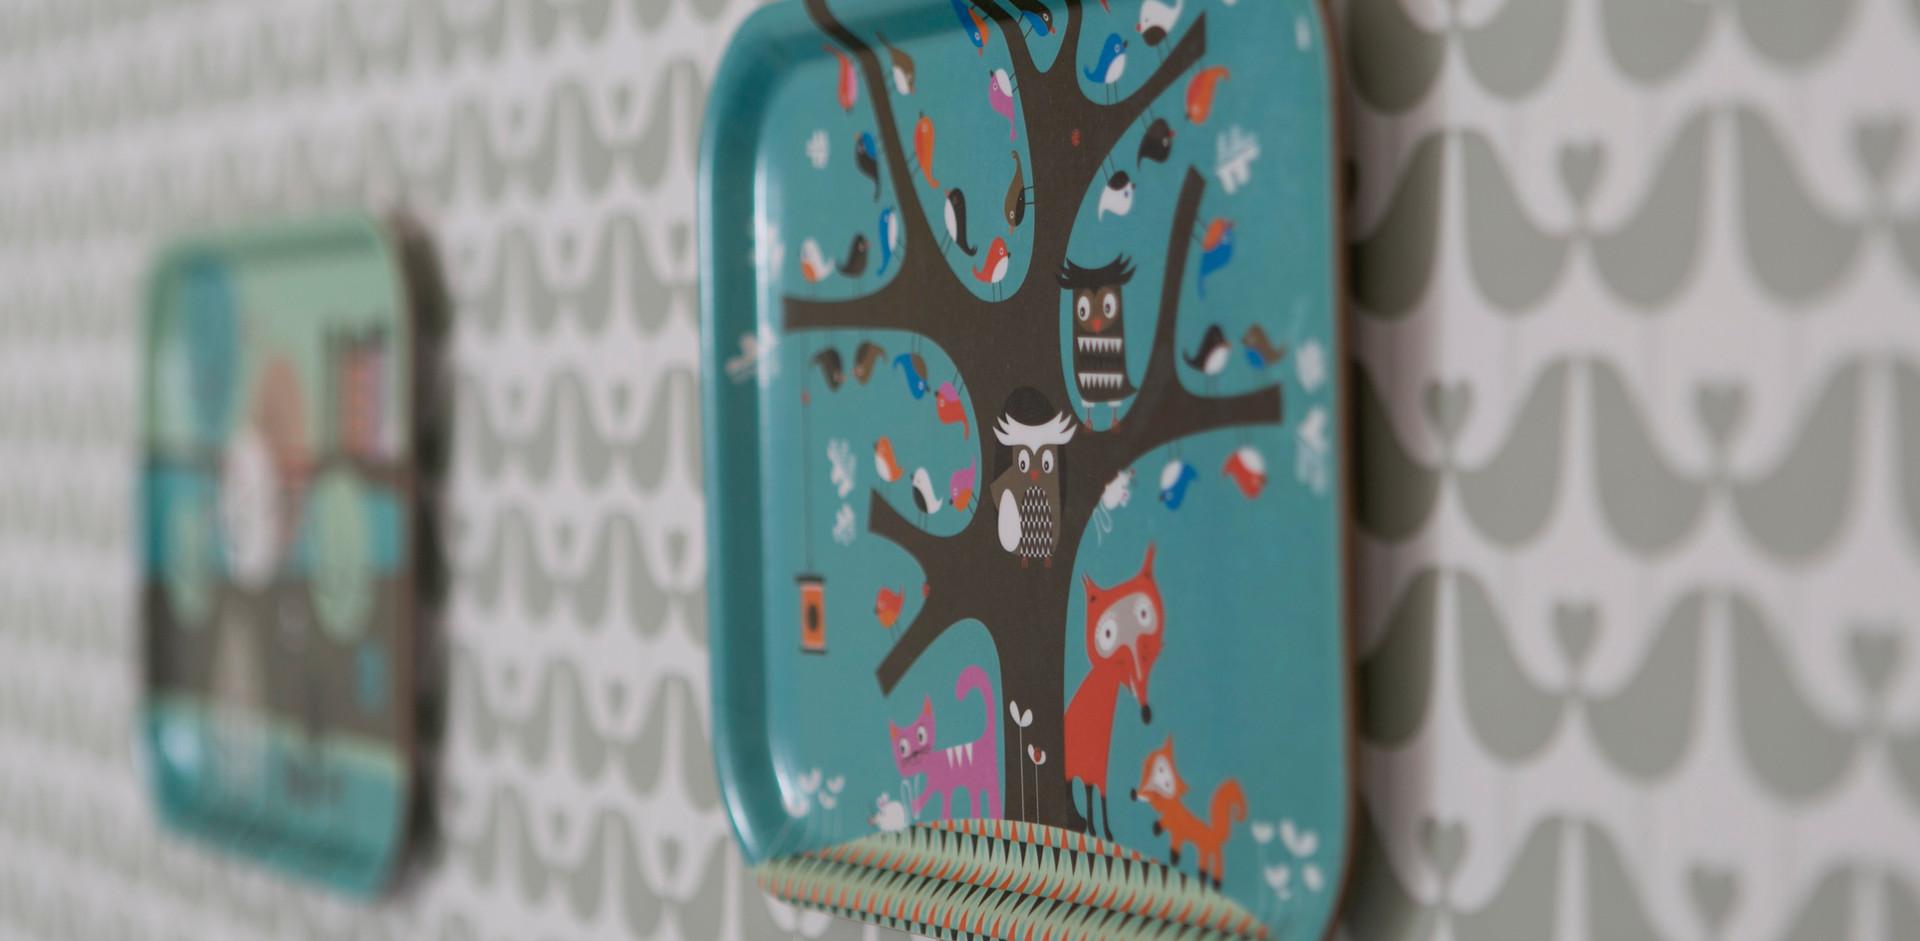 טפט ציפורים על הקיר; מגשים שהפכו לתמונות